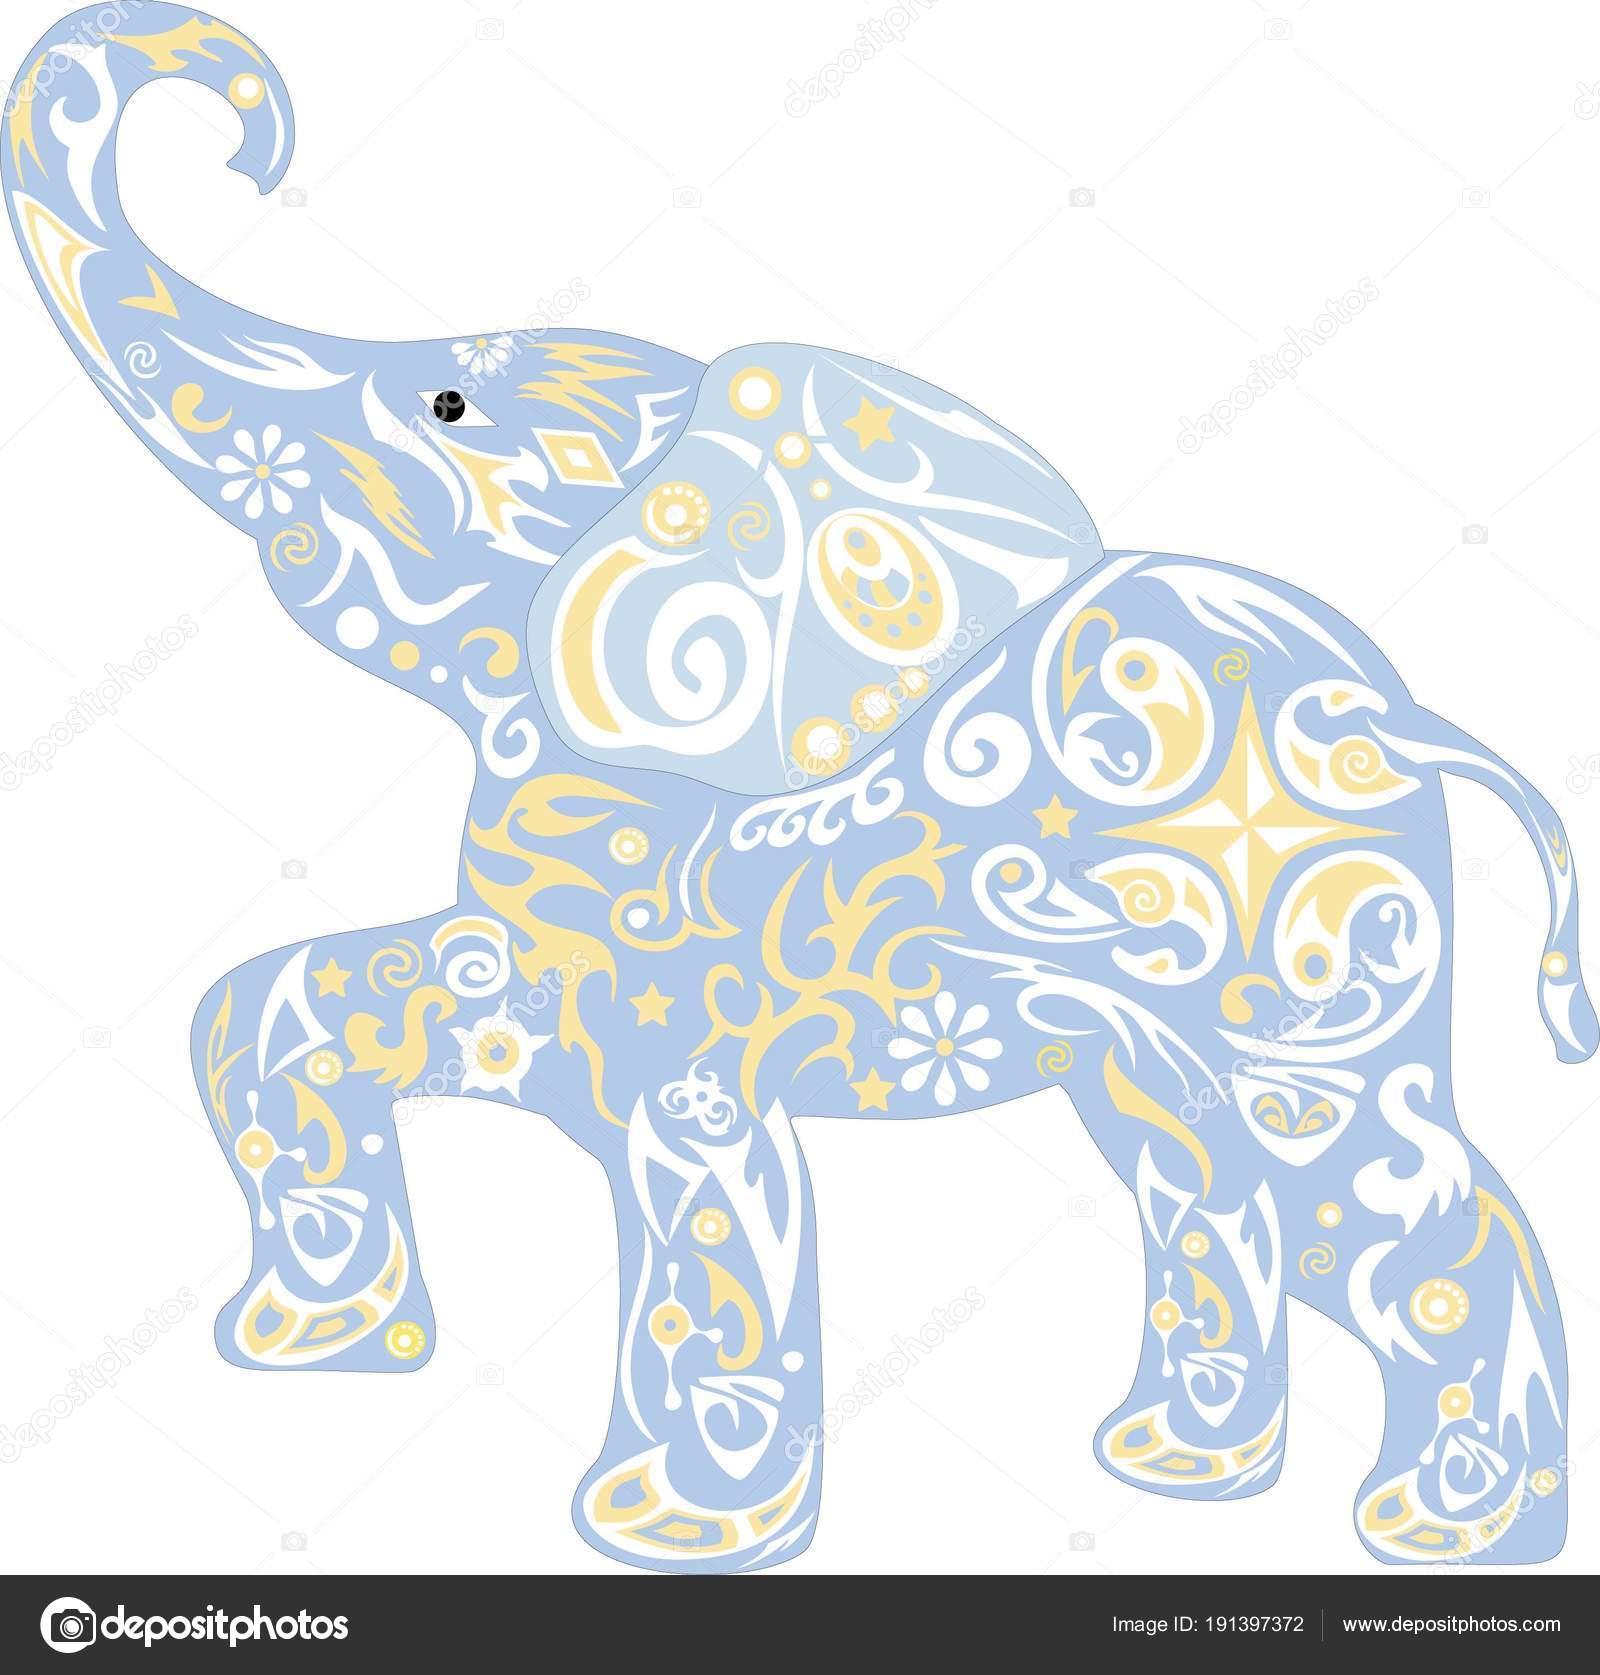 Dessin petit l phant ornement vecteur pour enfants cub mammouth avec image vectorielle sss07 - Dessin d un elephant ...